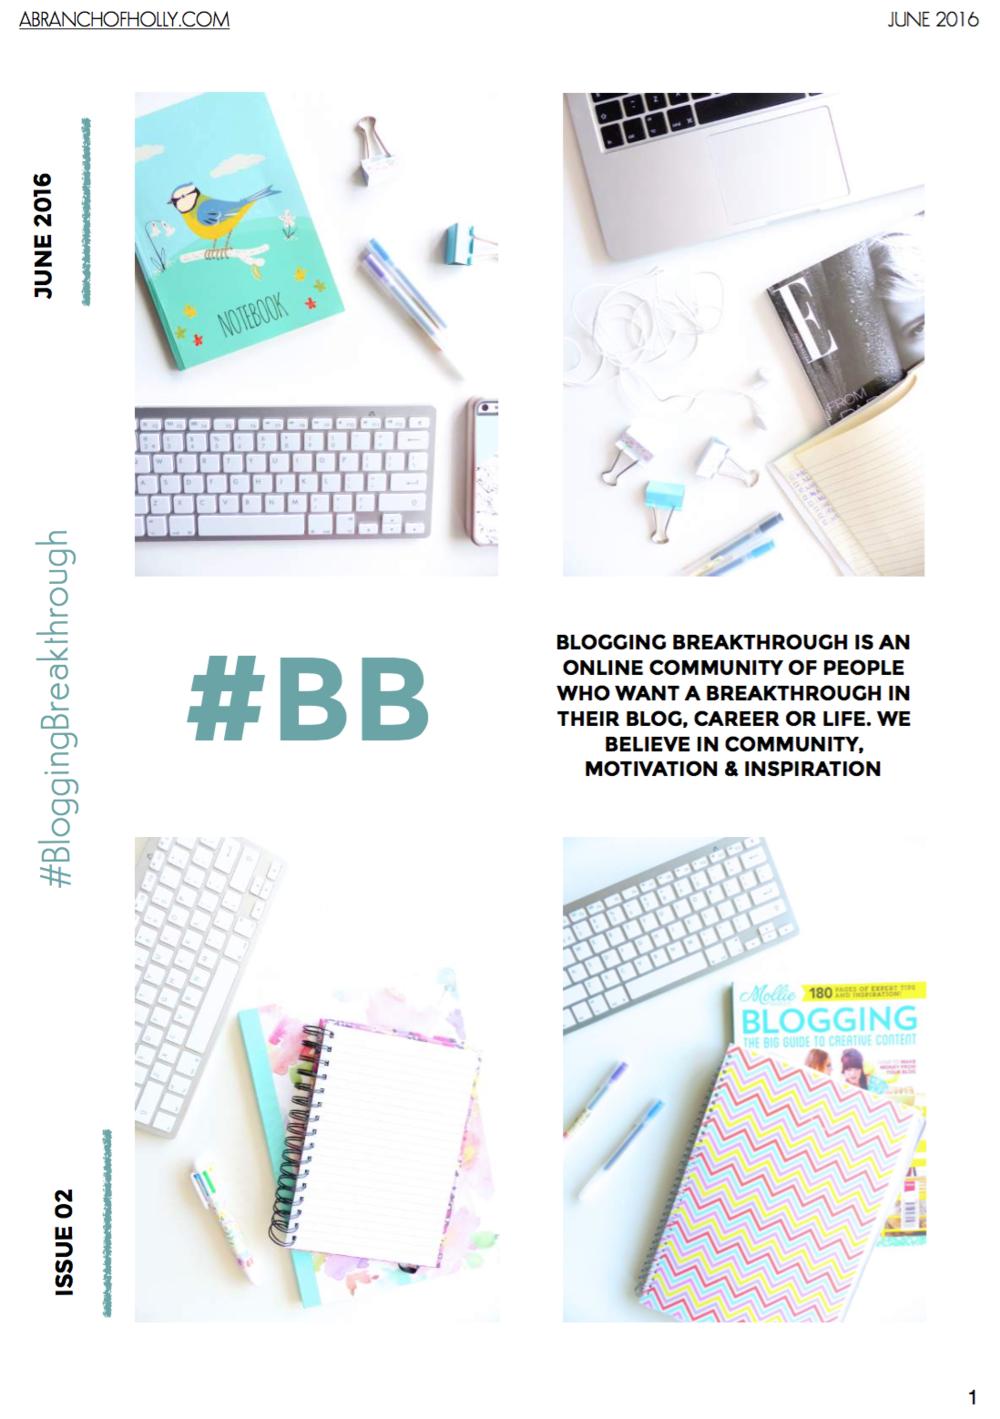 blogging breakthrough june 2016 issue 02